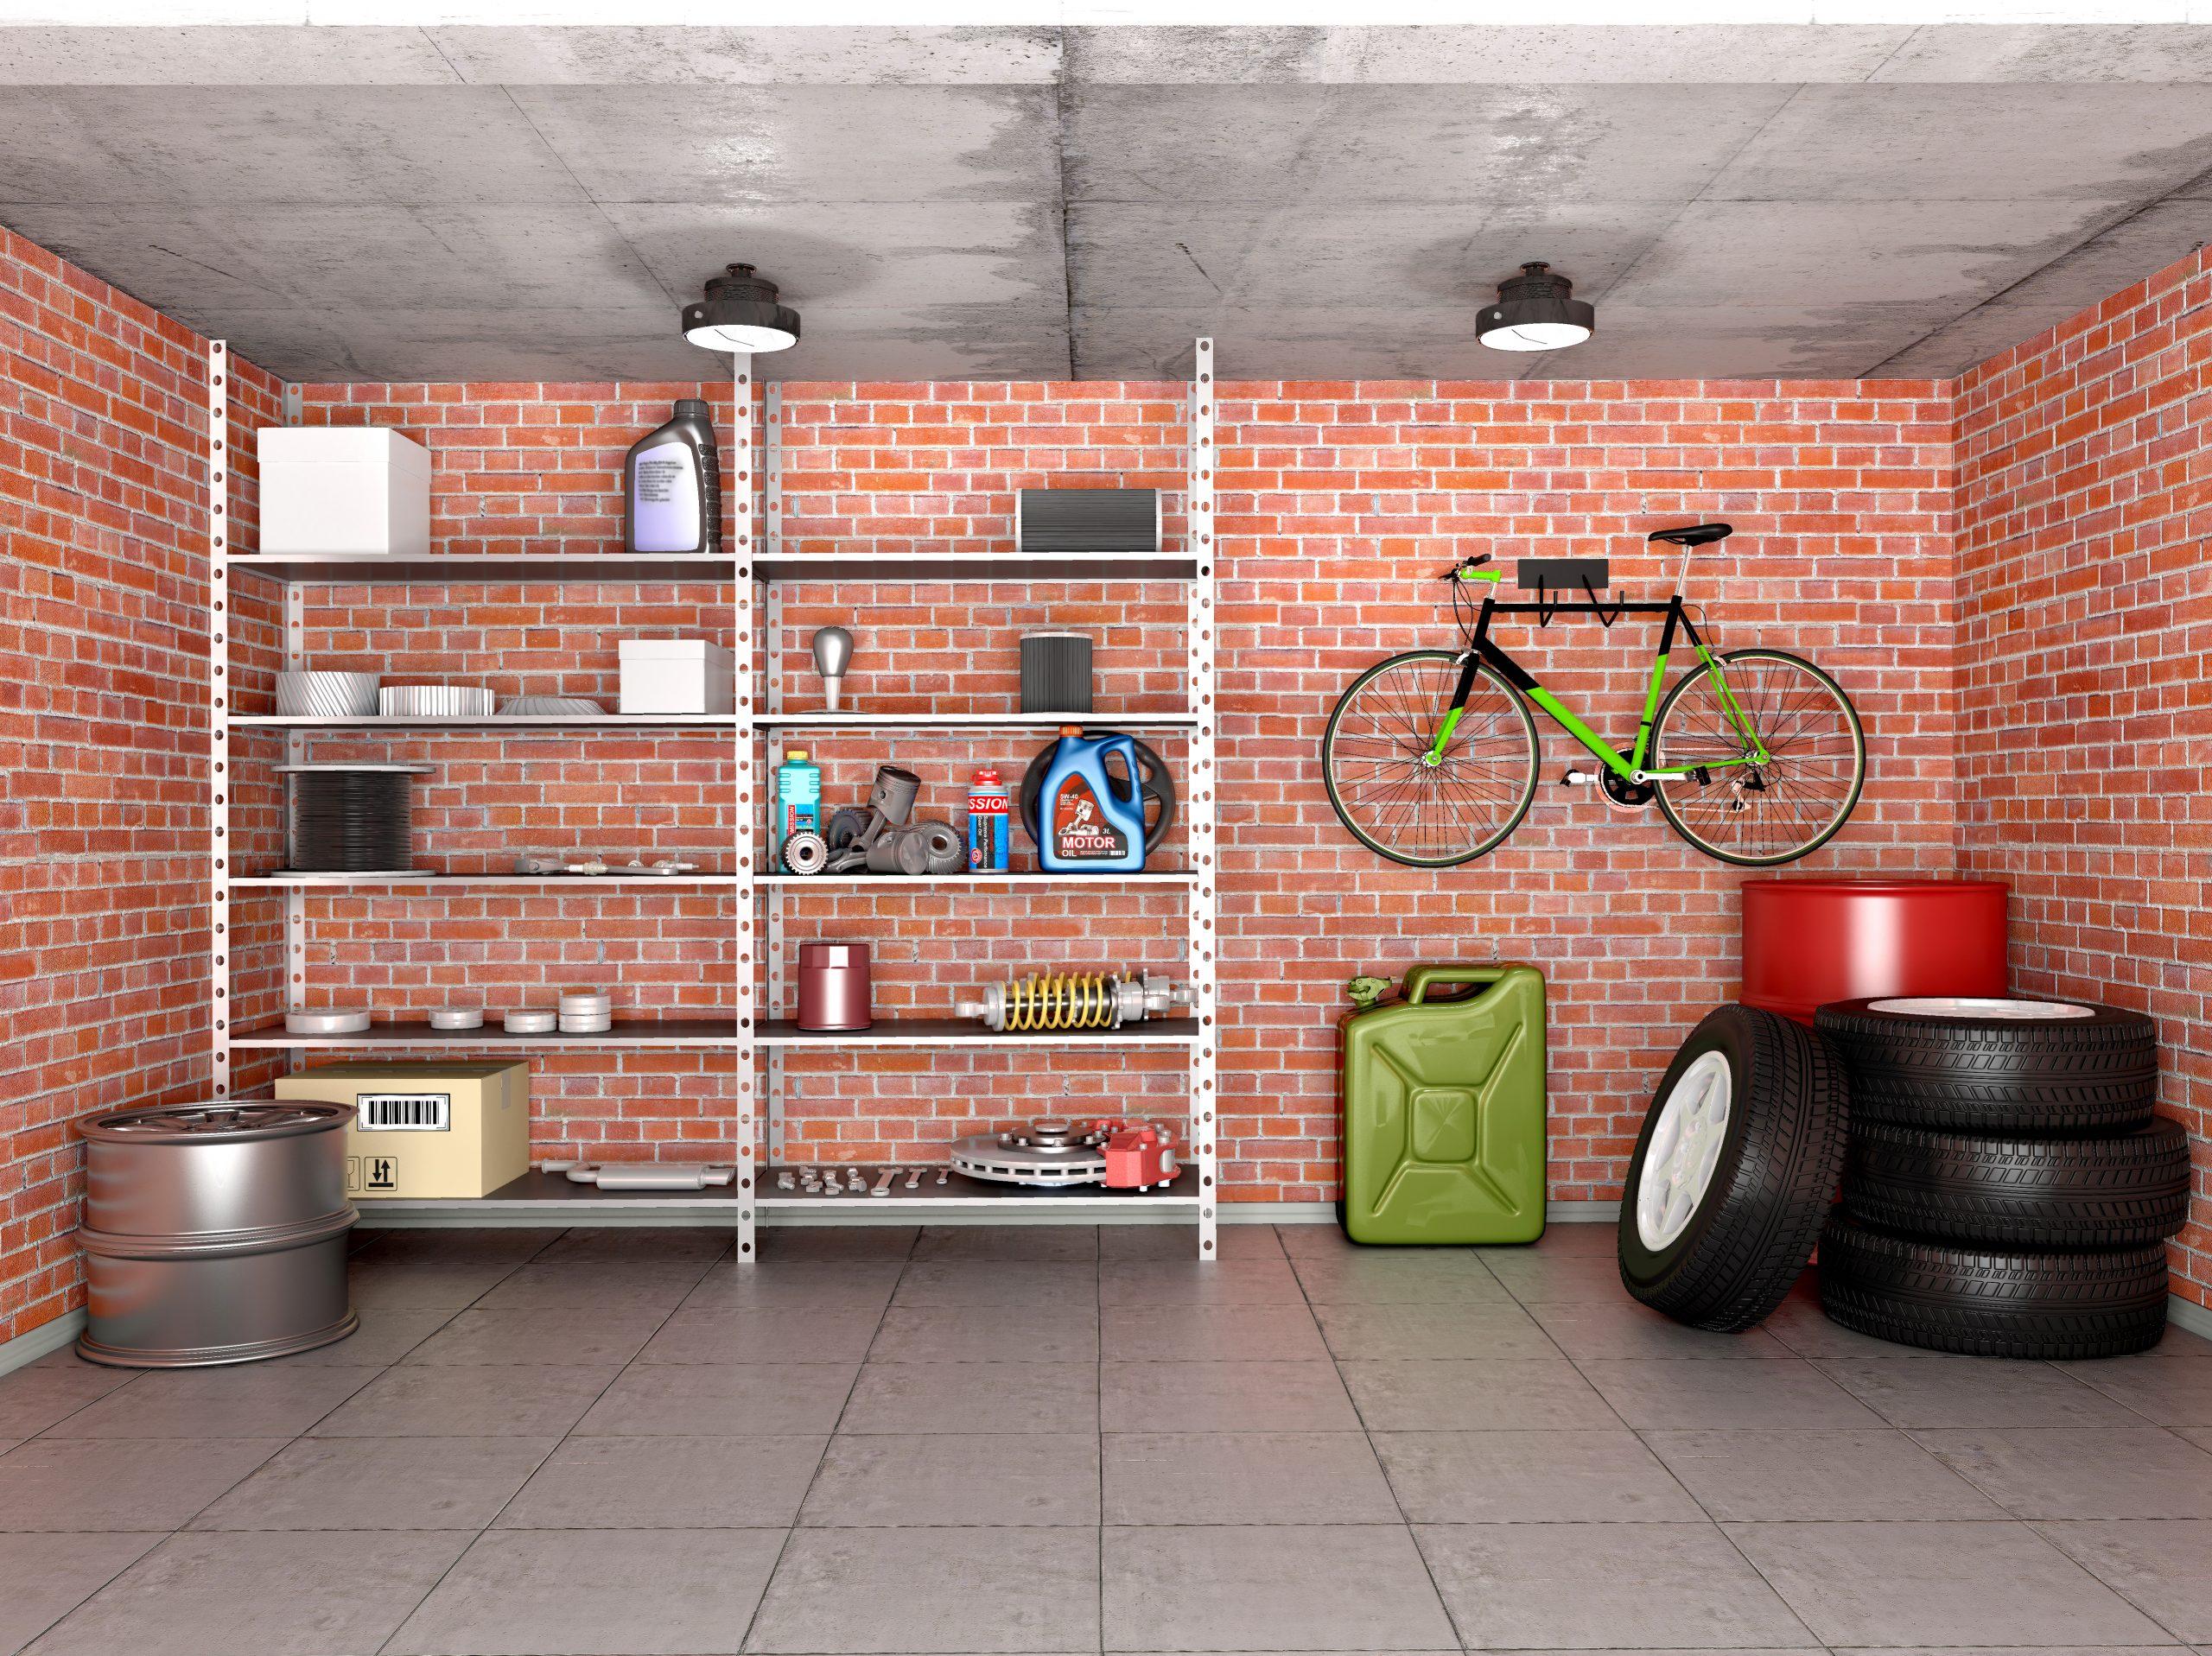 Comment bien aménager son garage?